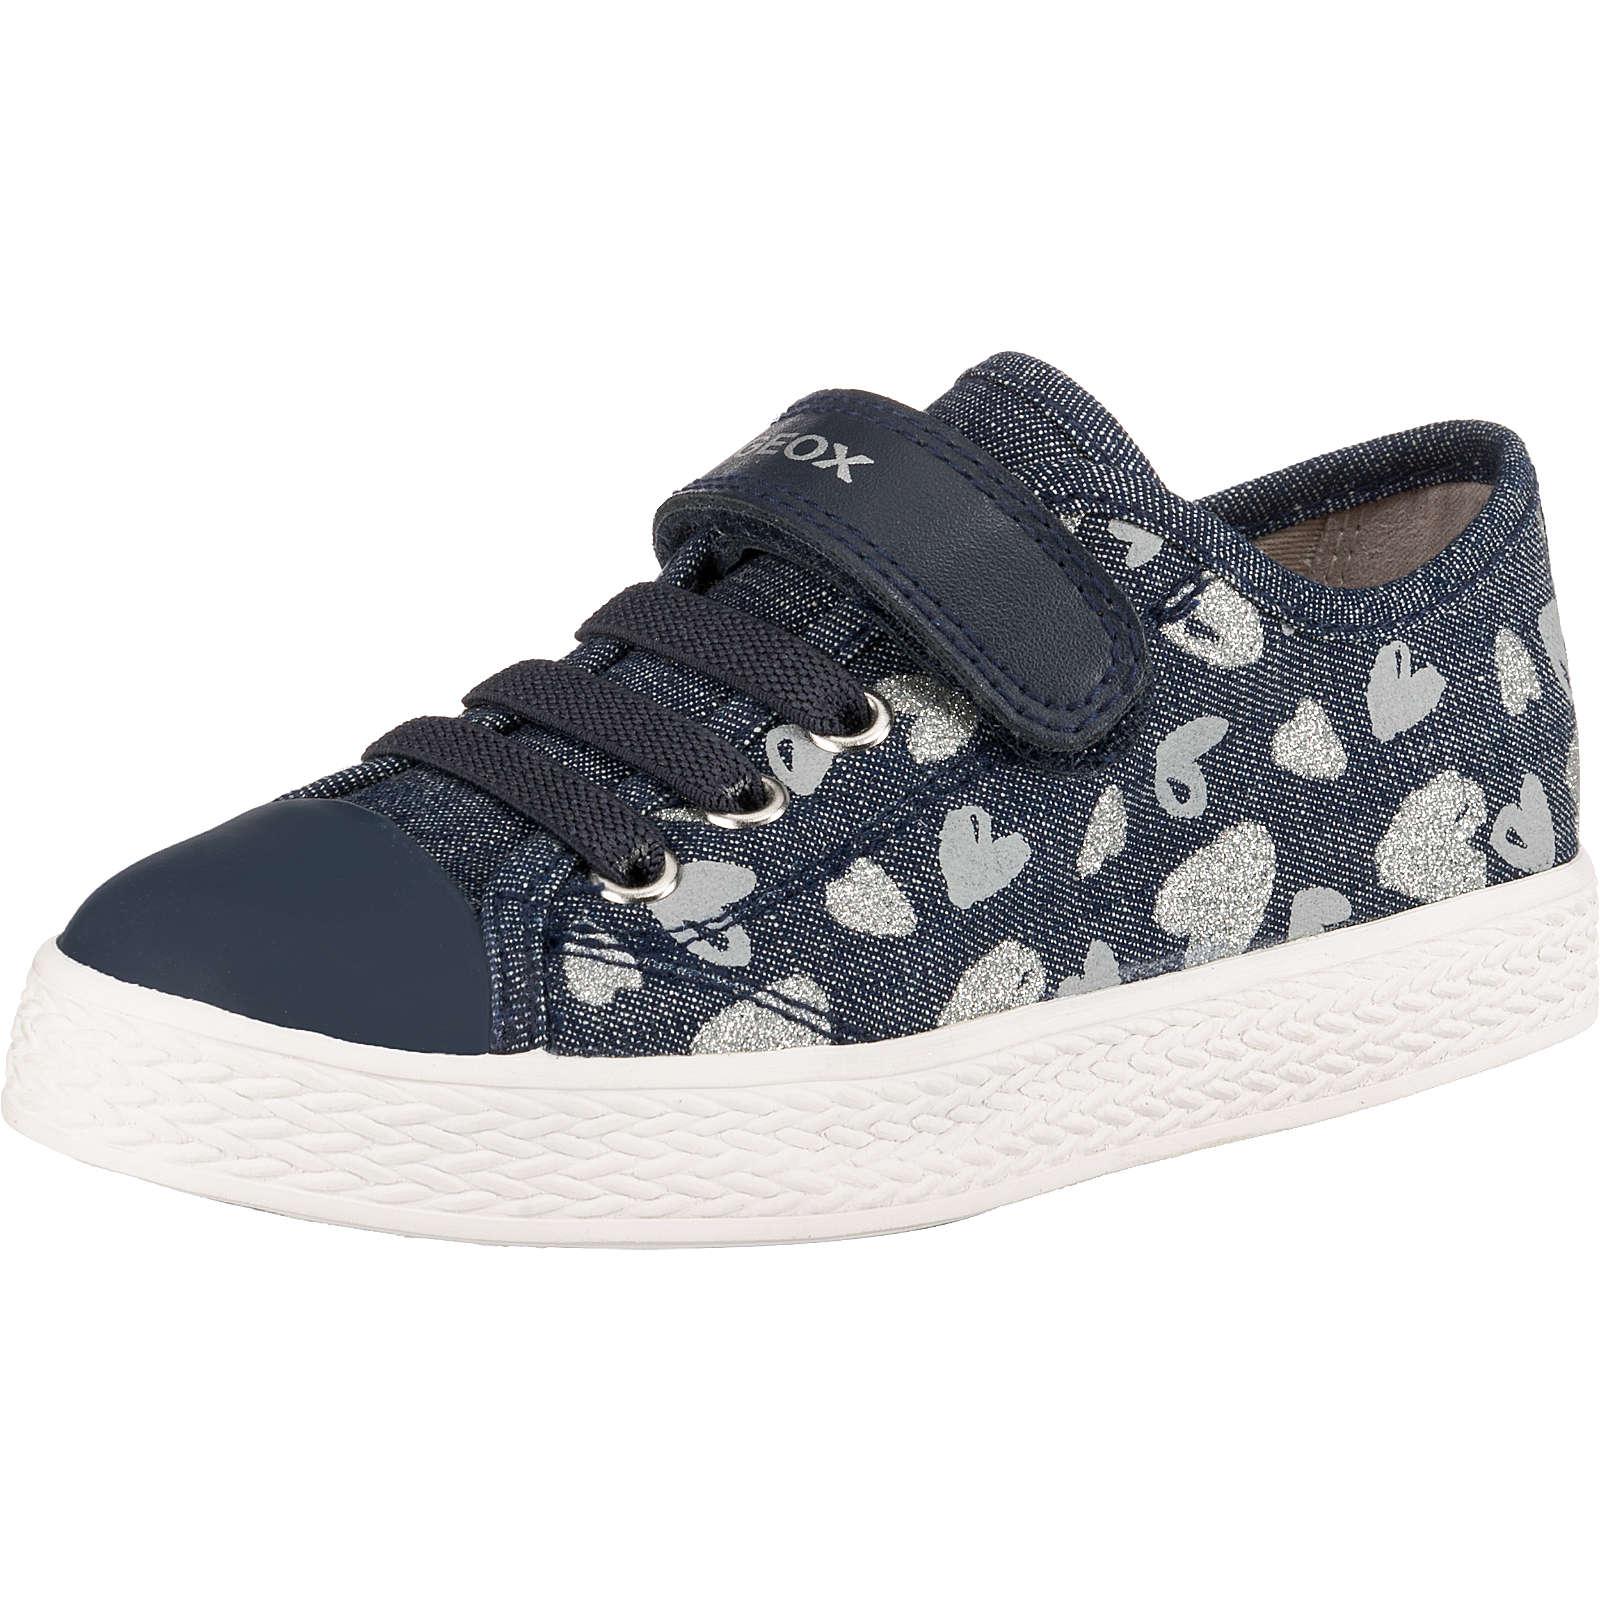 GEOX Sneakers High CIAK GIRL für Mädchen blau/silber Mädchen Gr. 28